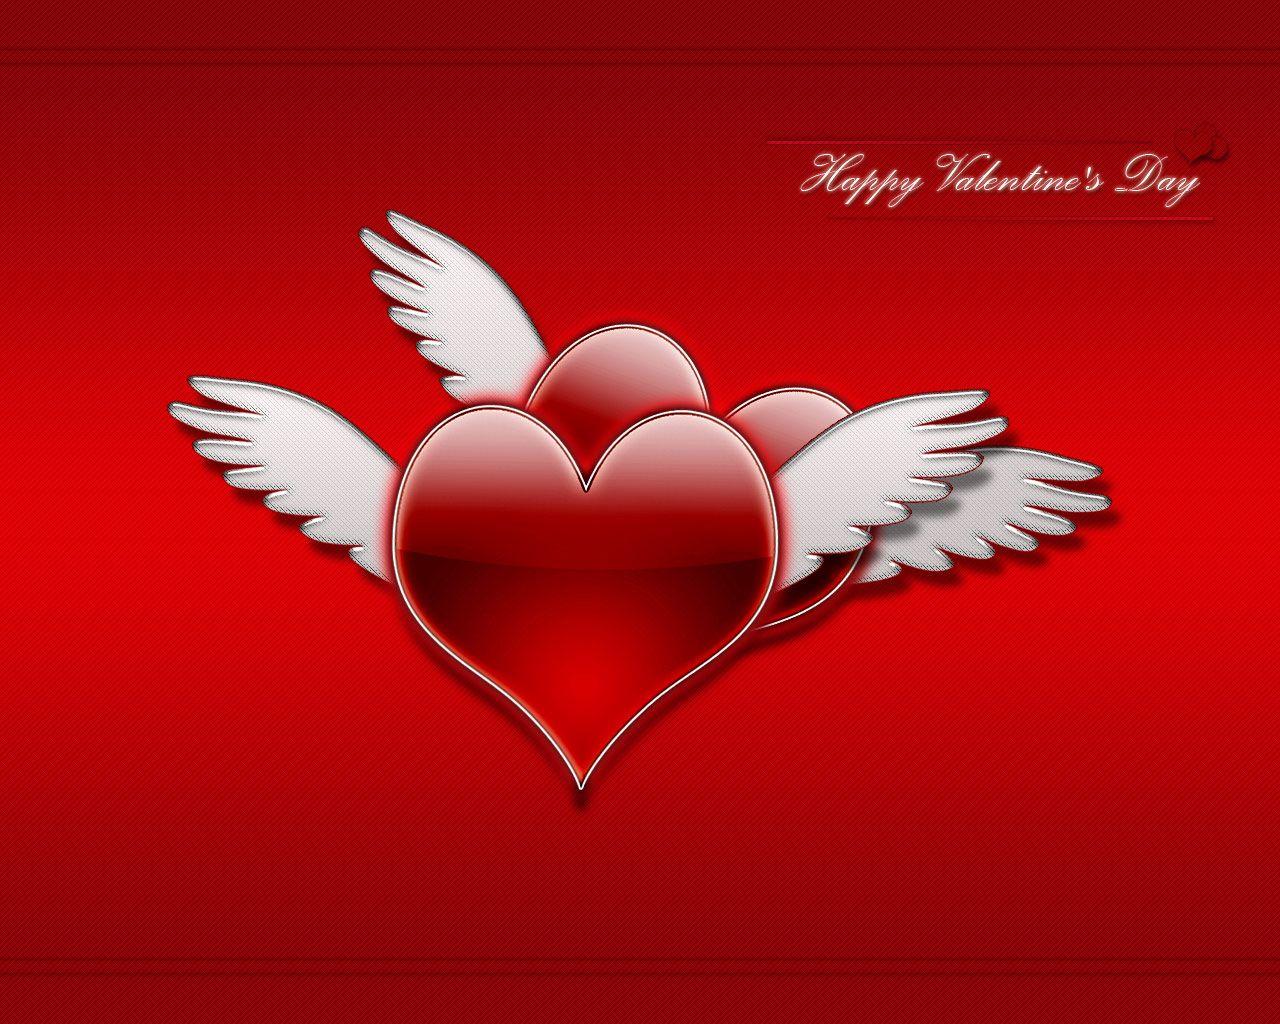 http://1.bp.blogspot.com/-yjW7MYAF5oY/TzEyJq6QcqI/AAAAAAAAuac/fcWUuRKFAGQ/s1600/Happy-Valentines-Day-Wallpaper-10.jpg